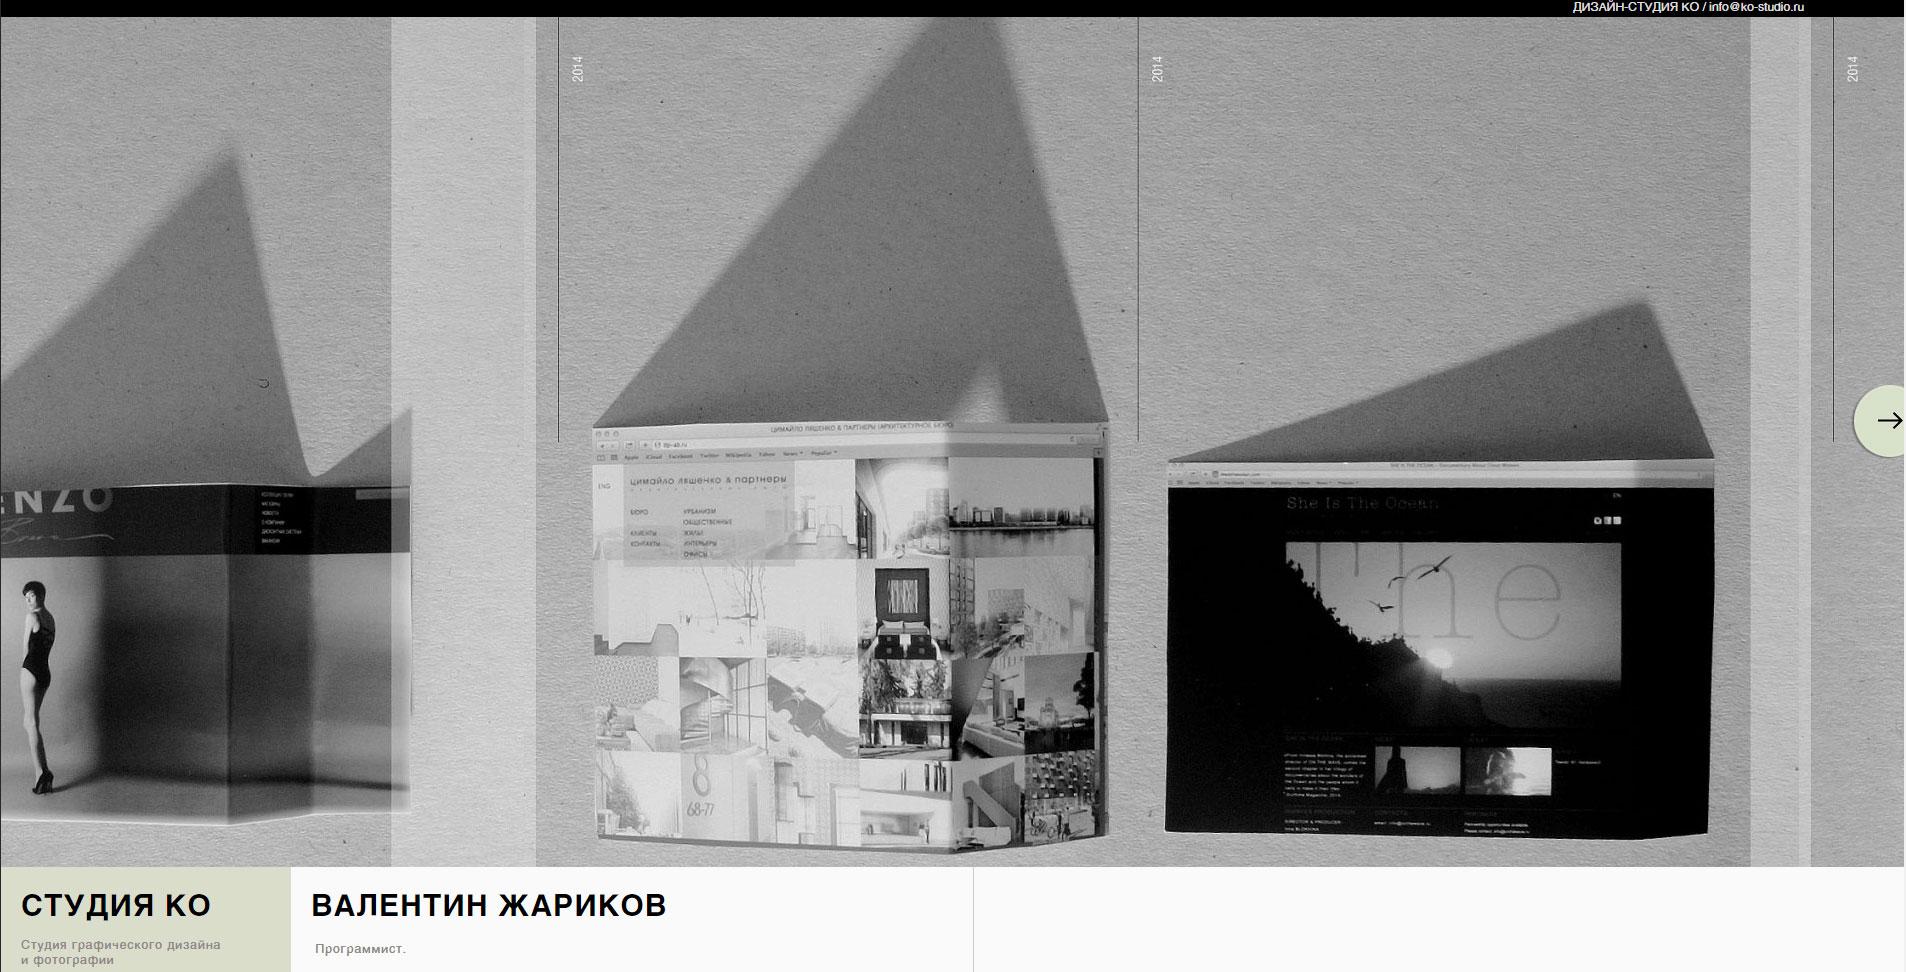 Сайт дизайн студии КО